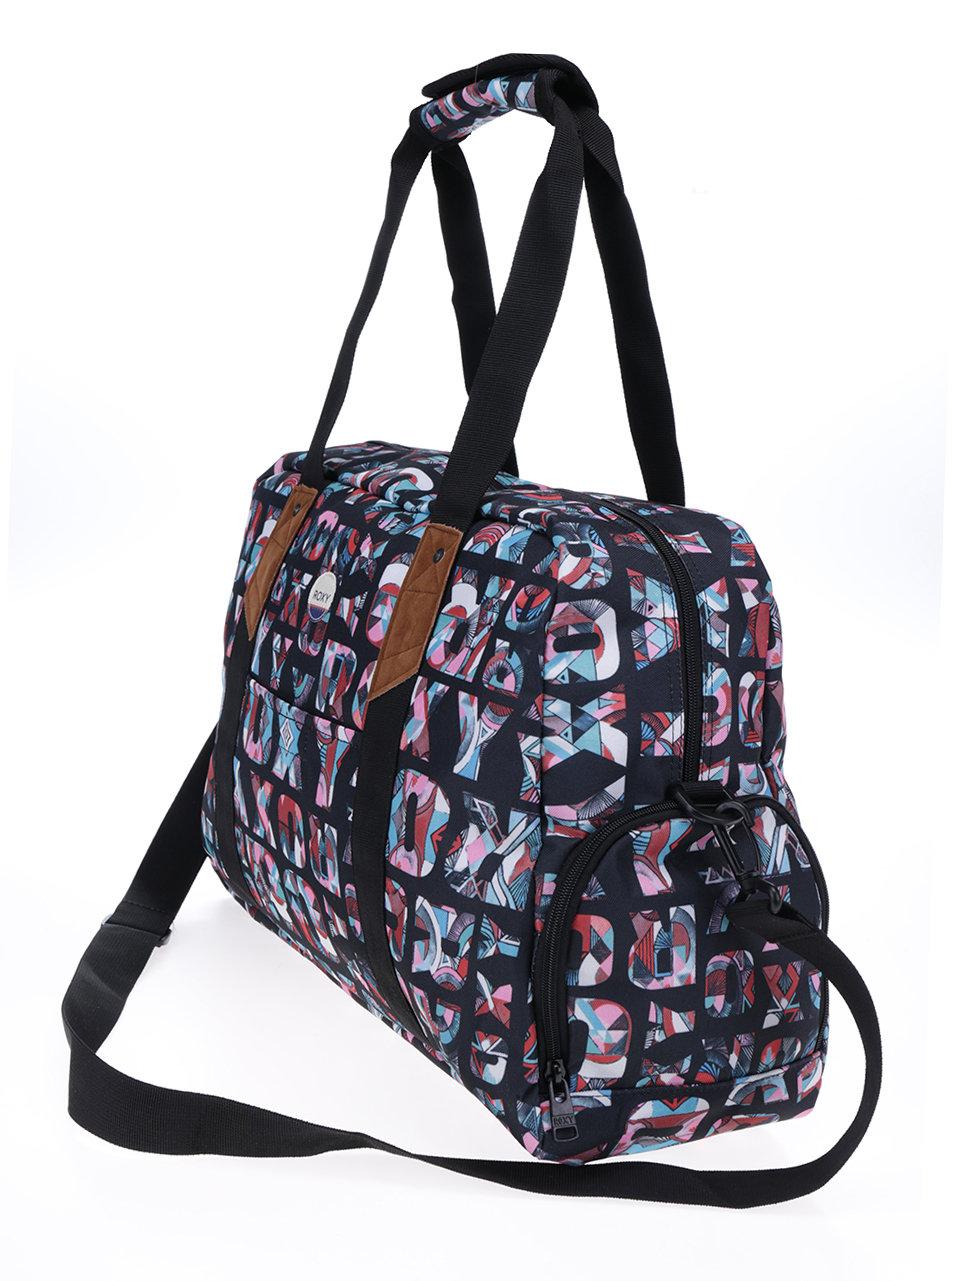 430c014c07 Čierna športová taška s potlačou Roxy Sugar It Up ...